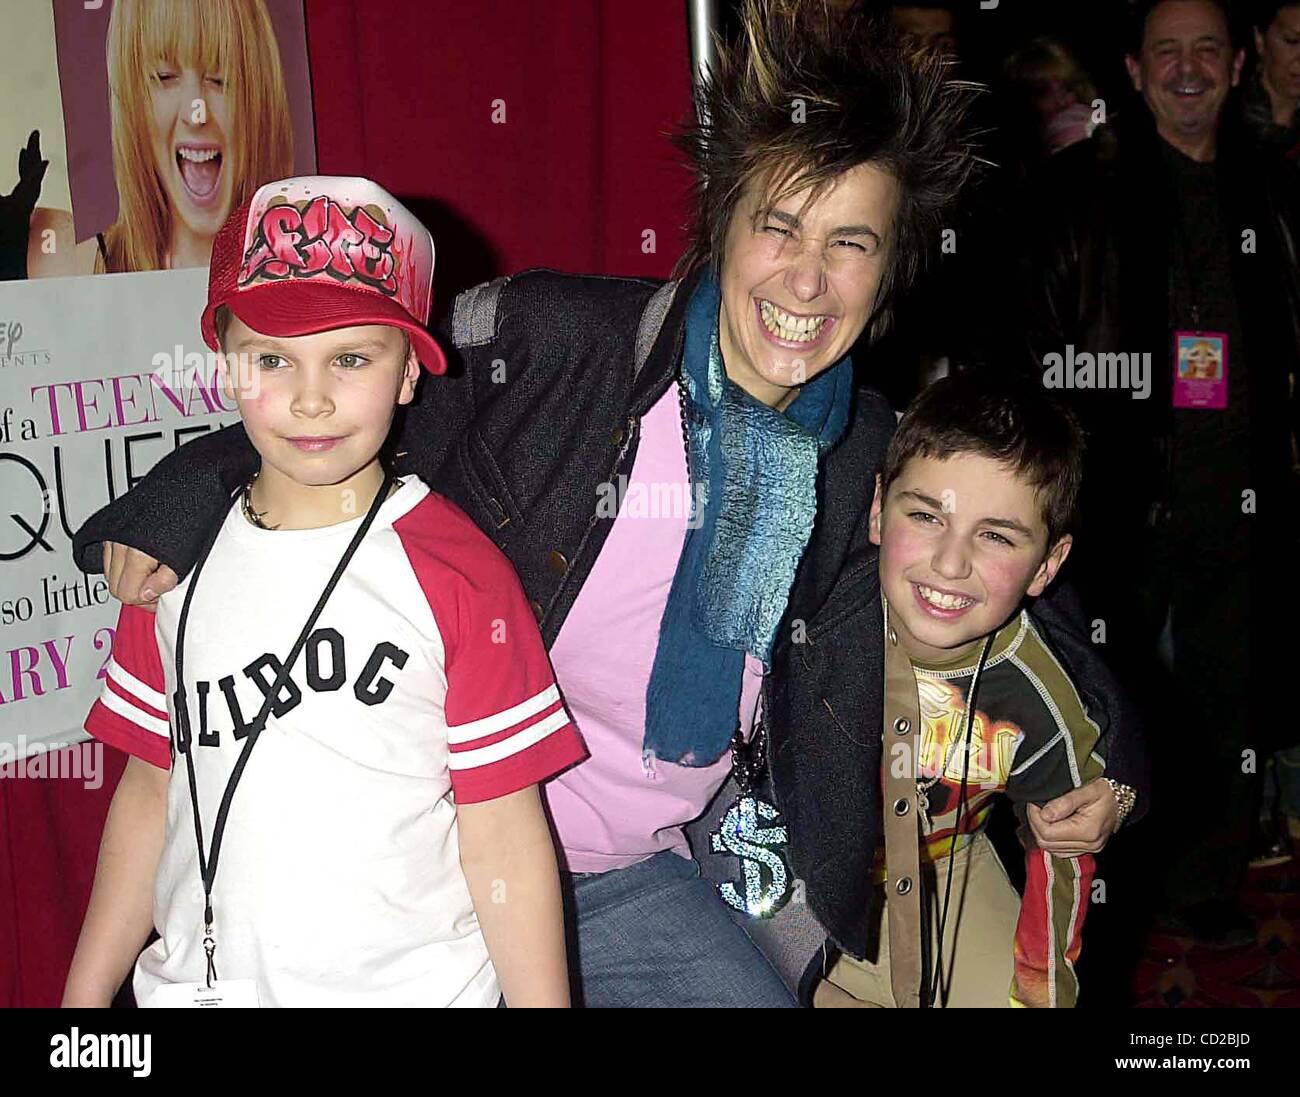 Renee Felice Smith,Nora Cecil Hot video Taylor Atelian born March 27, 1995 (age 23),Deborah Spera